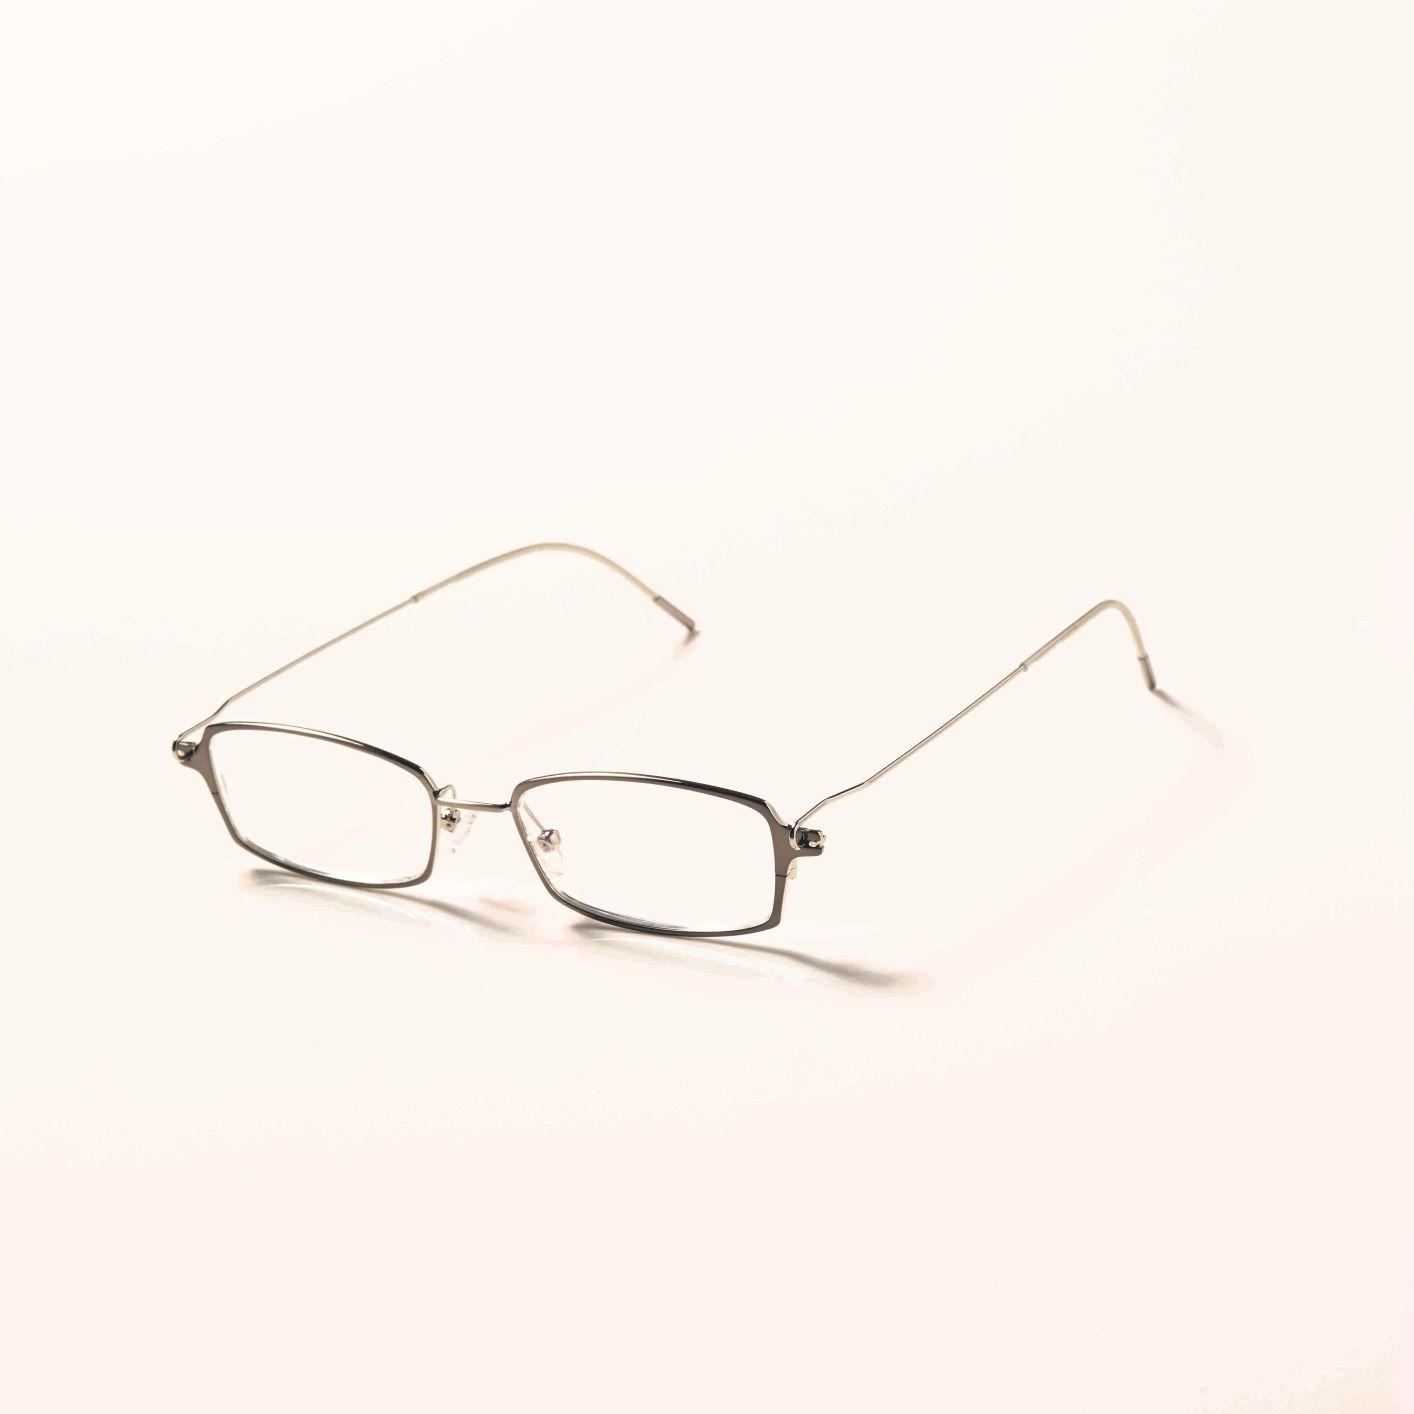 薄いシニアグラス ハコベル(日・ハグ・オザワ)(週刊新潮DM紹介)